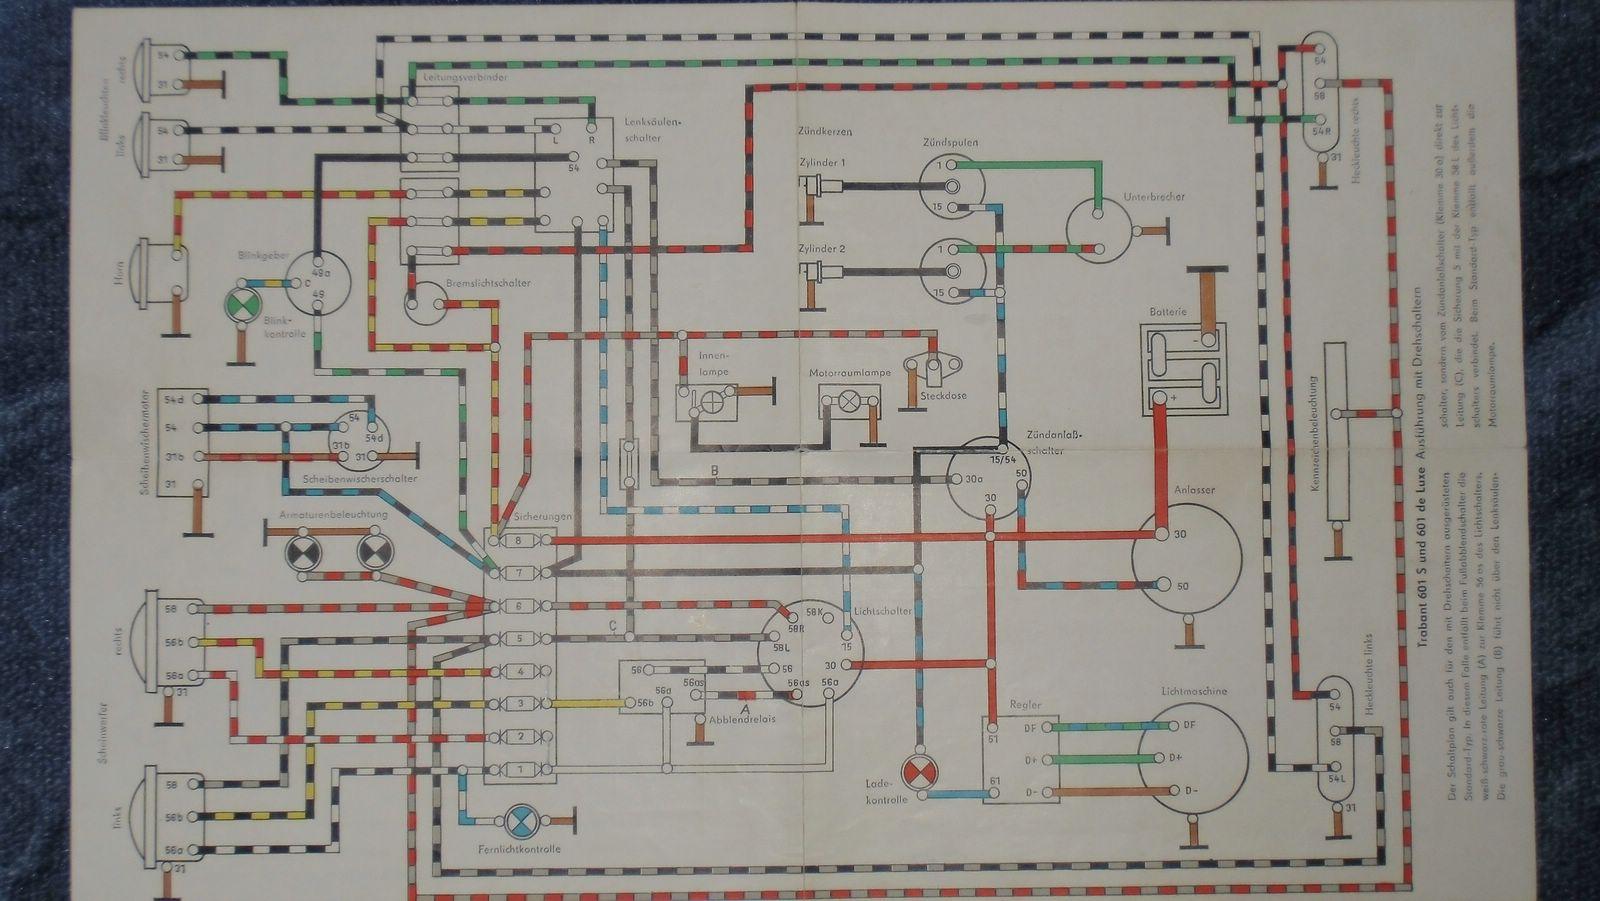 Drehschalter (licht) umbau nach Kippschalter - Technik [Allgemein ...